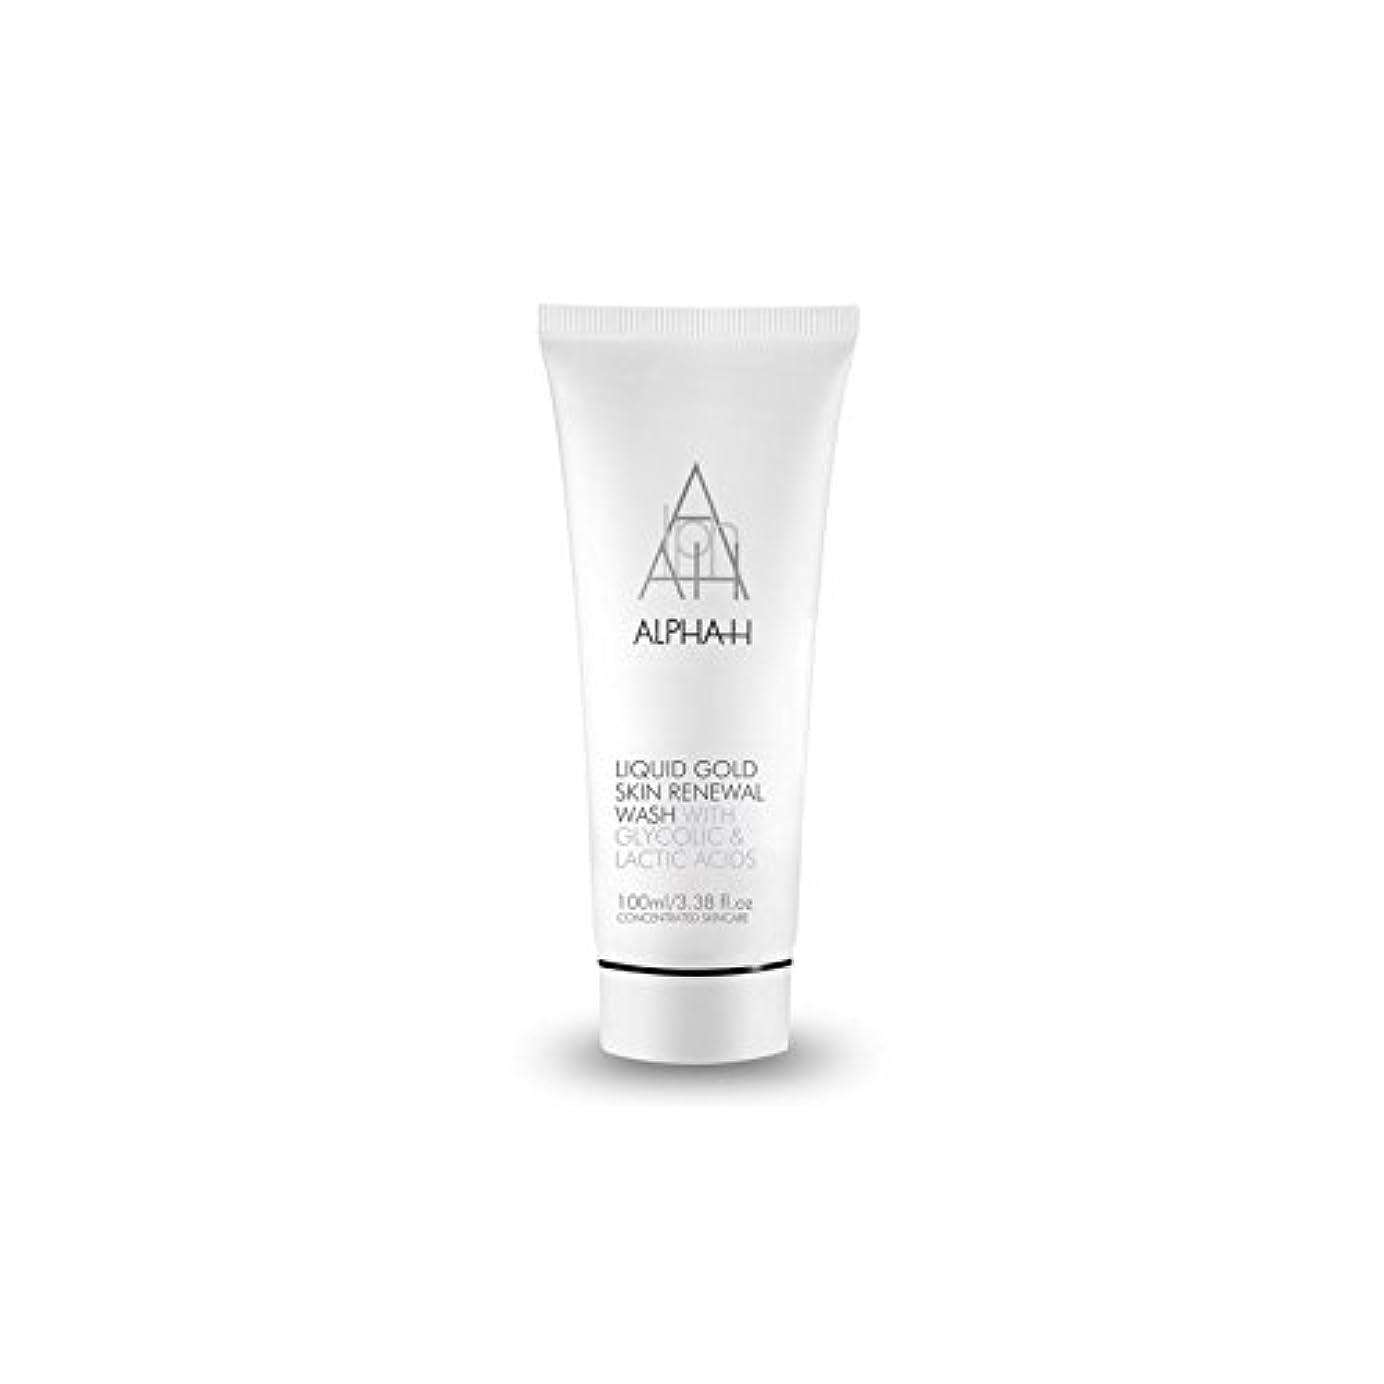 薬用工業化する修正Alpha H Gold Skin Renewal Wash (100ml) - アルファのゴールドスキンリニューアルウォッシュ(100ミリリットル) [並行輸入品]